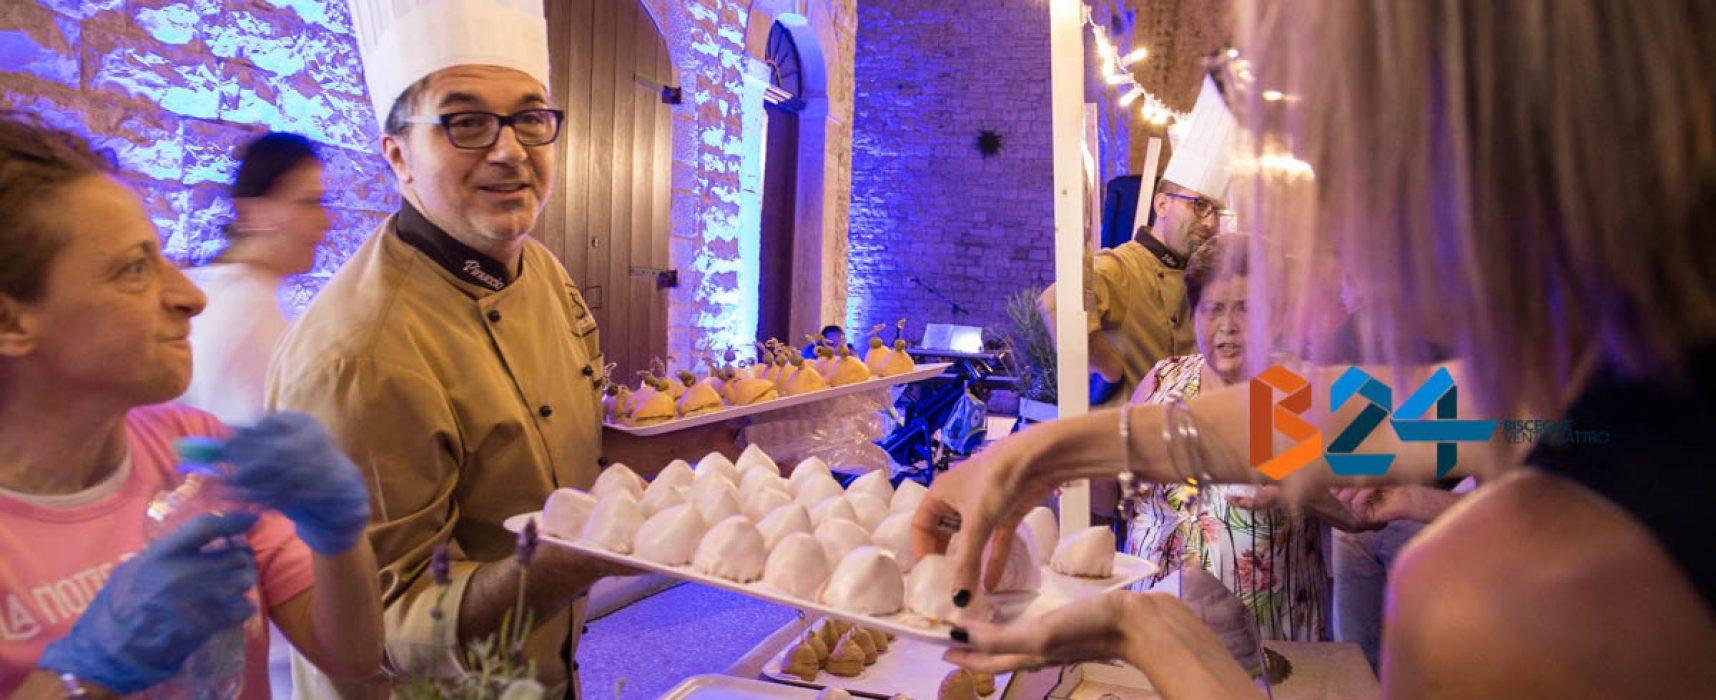 """Tradizione culinaria e solidarietà: gran successo per """"La notte del sospiri"""" / FOTO"""